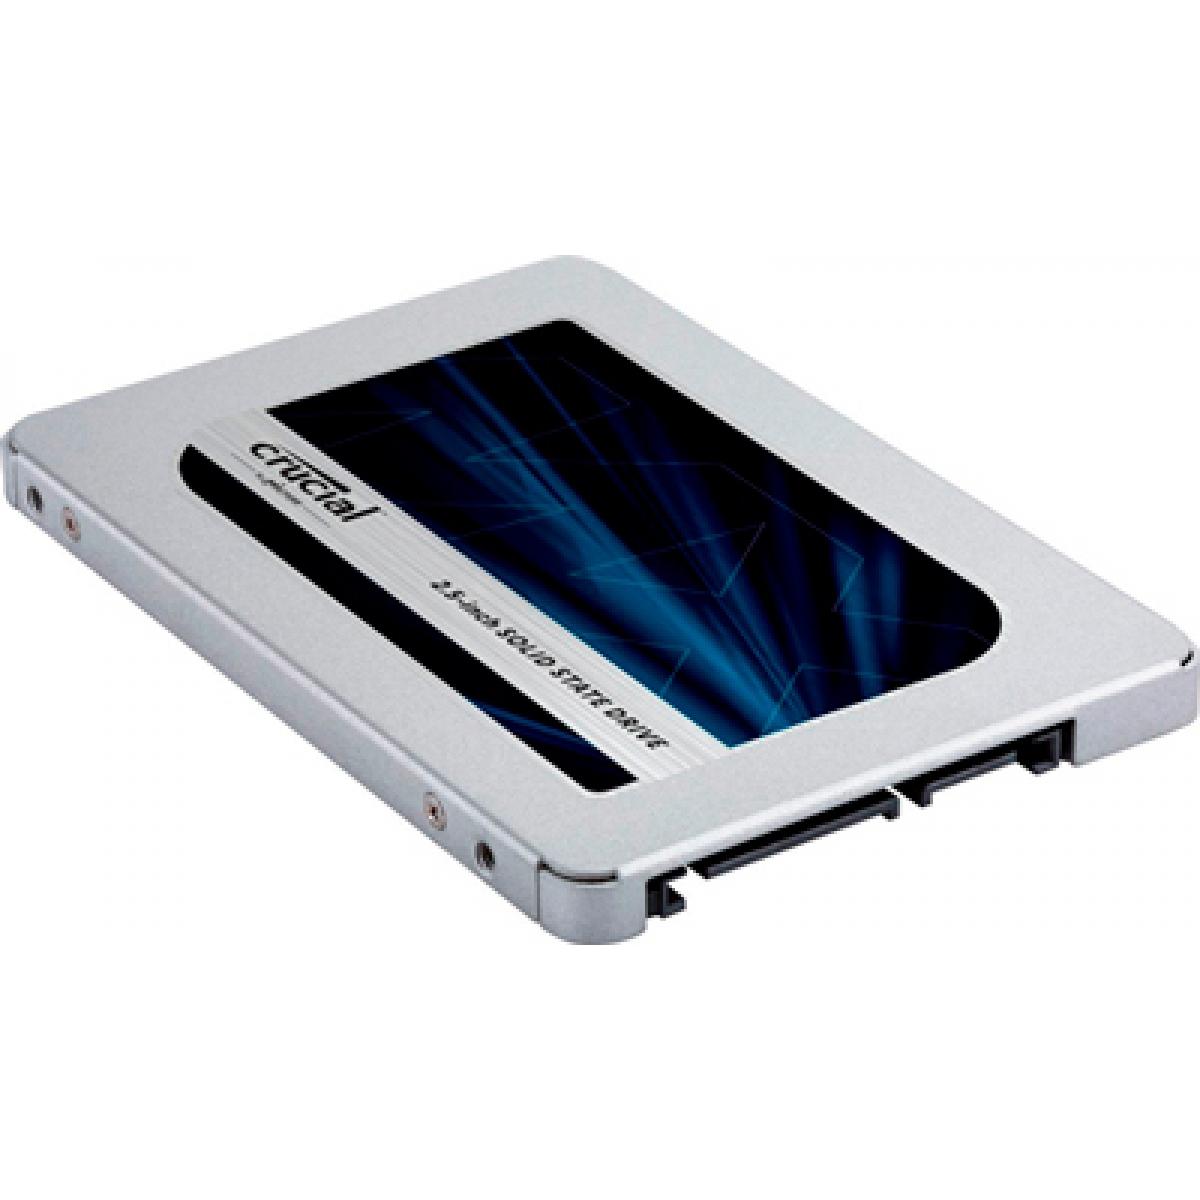 SSD Crucial MX500, 250GB, Sata III, Leitura 560MB/S Gravação 510MB/s, CT250MX500SSD1